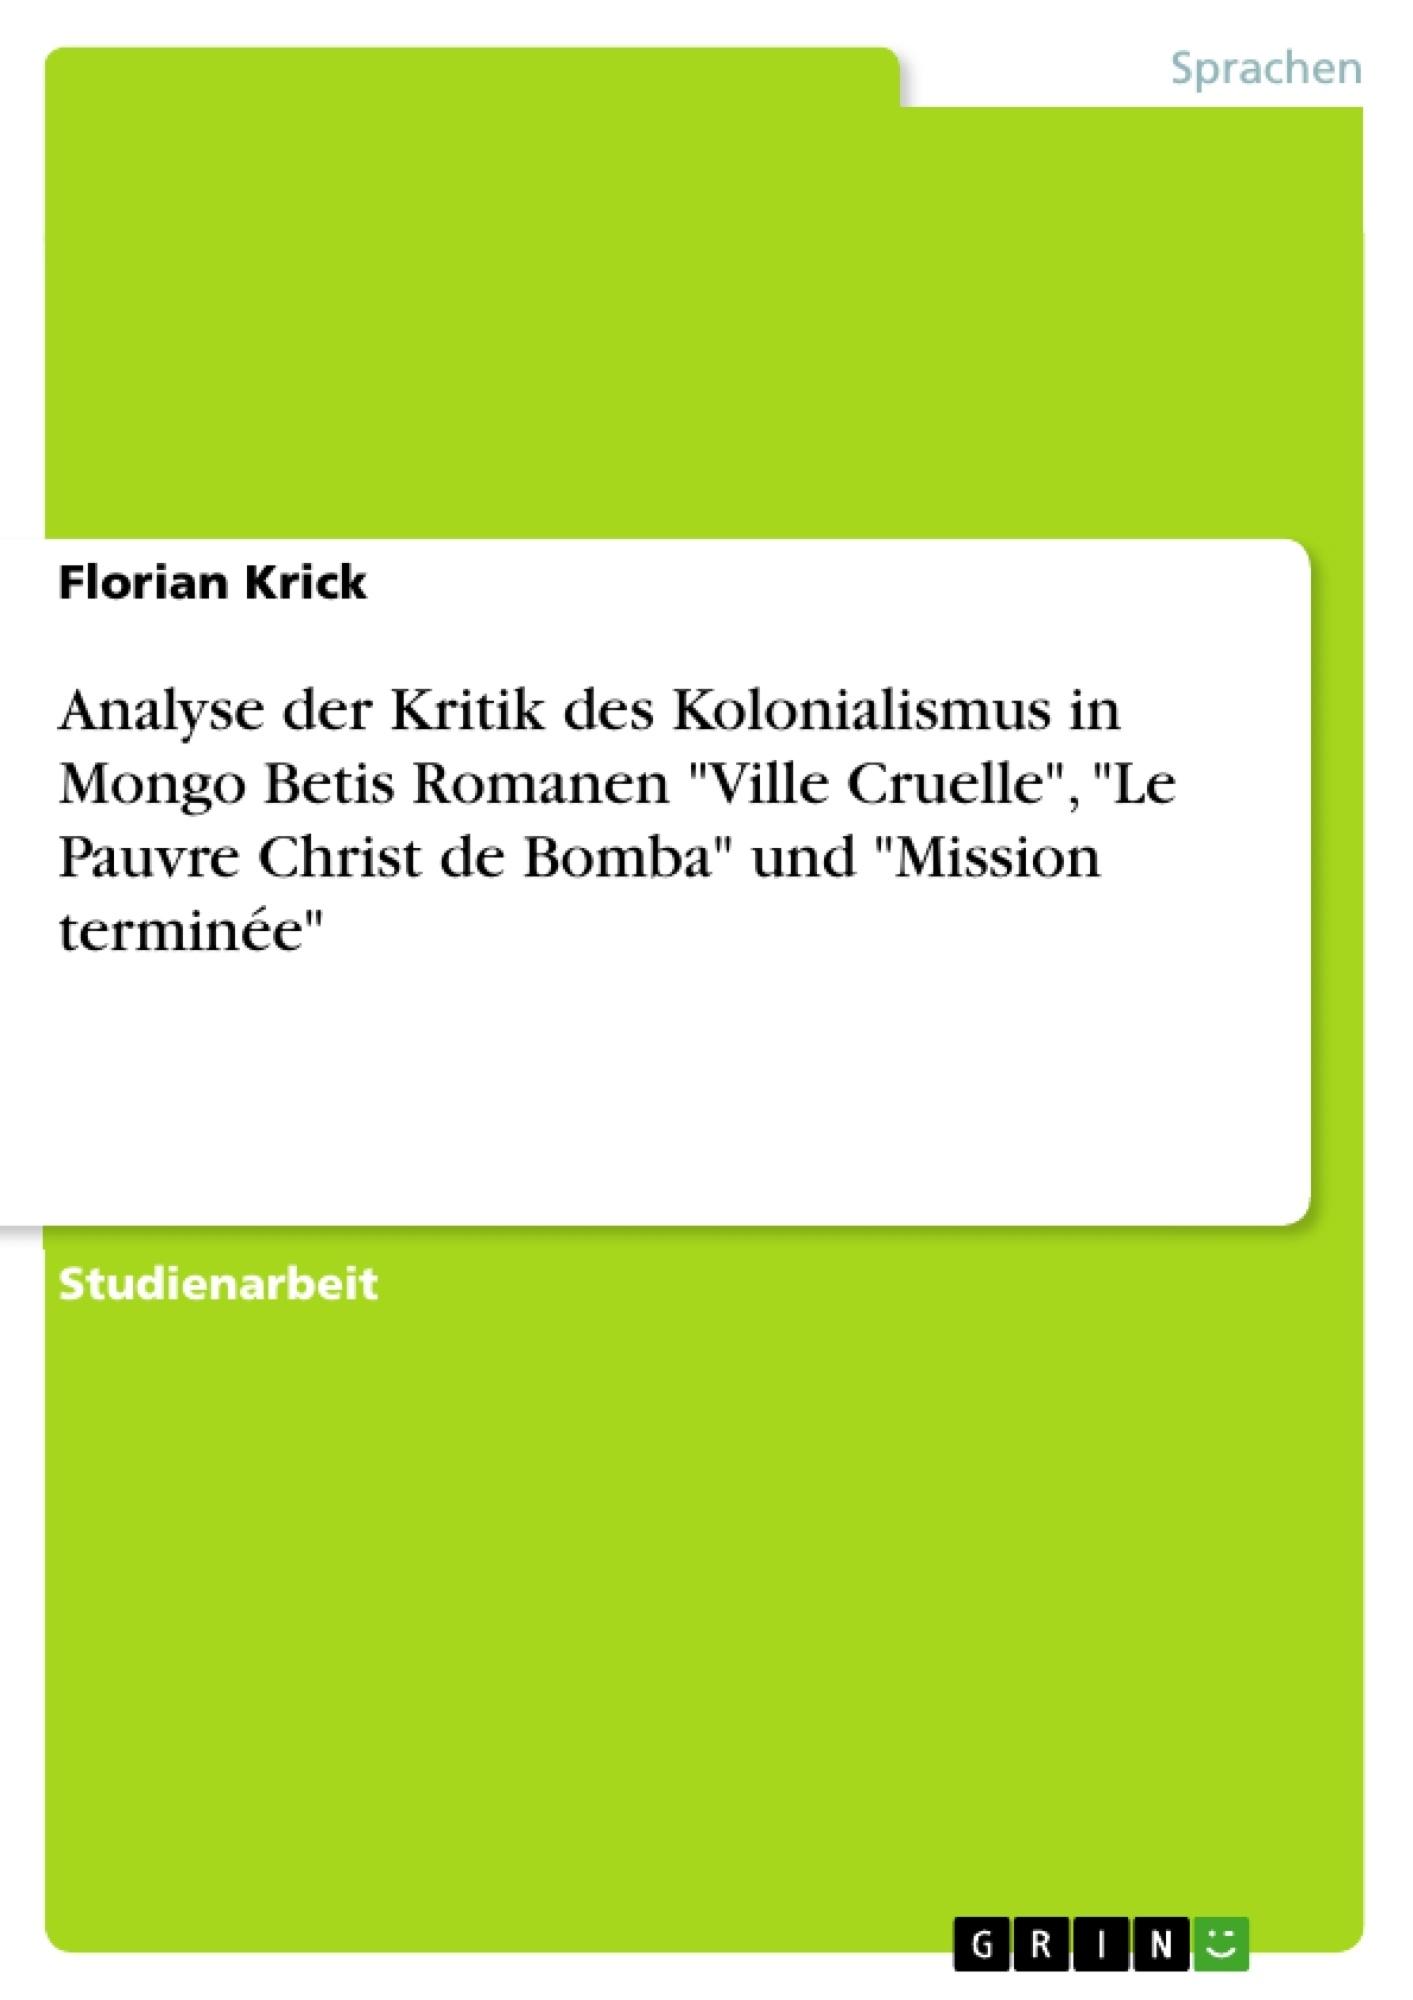 """Titel: Analyse der Kritik des Kolonialismus in Mongo Betis Romanen """"Ville Cruelle"""", """"Le Pauvre Christ de Bomba"""" und """"Mission terminée"""""""